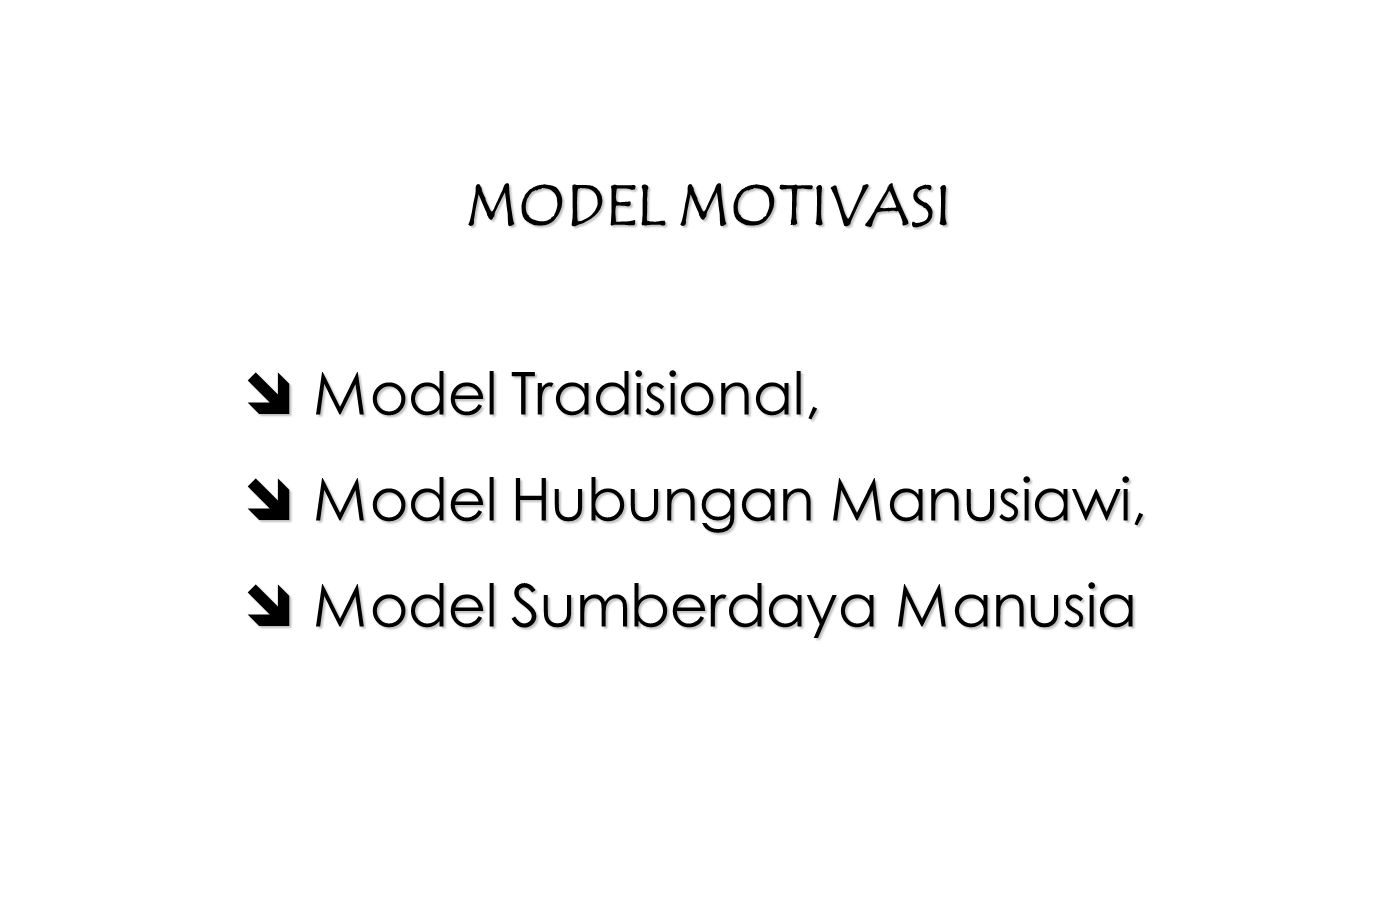 MODEL MOTIVASI Model Tradisional, Model Hubungan Manusiawi, Model Sumberdaya Manusia